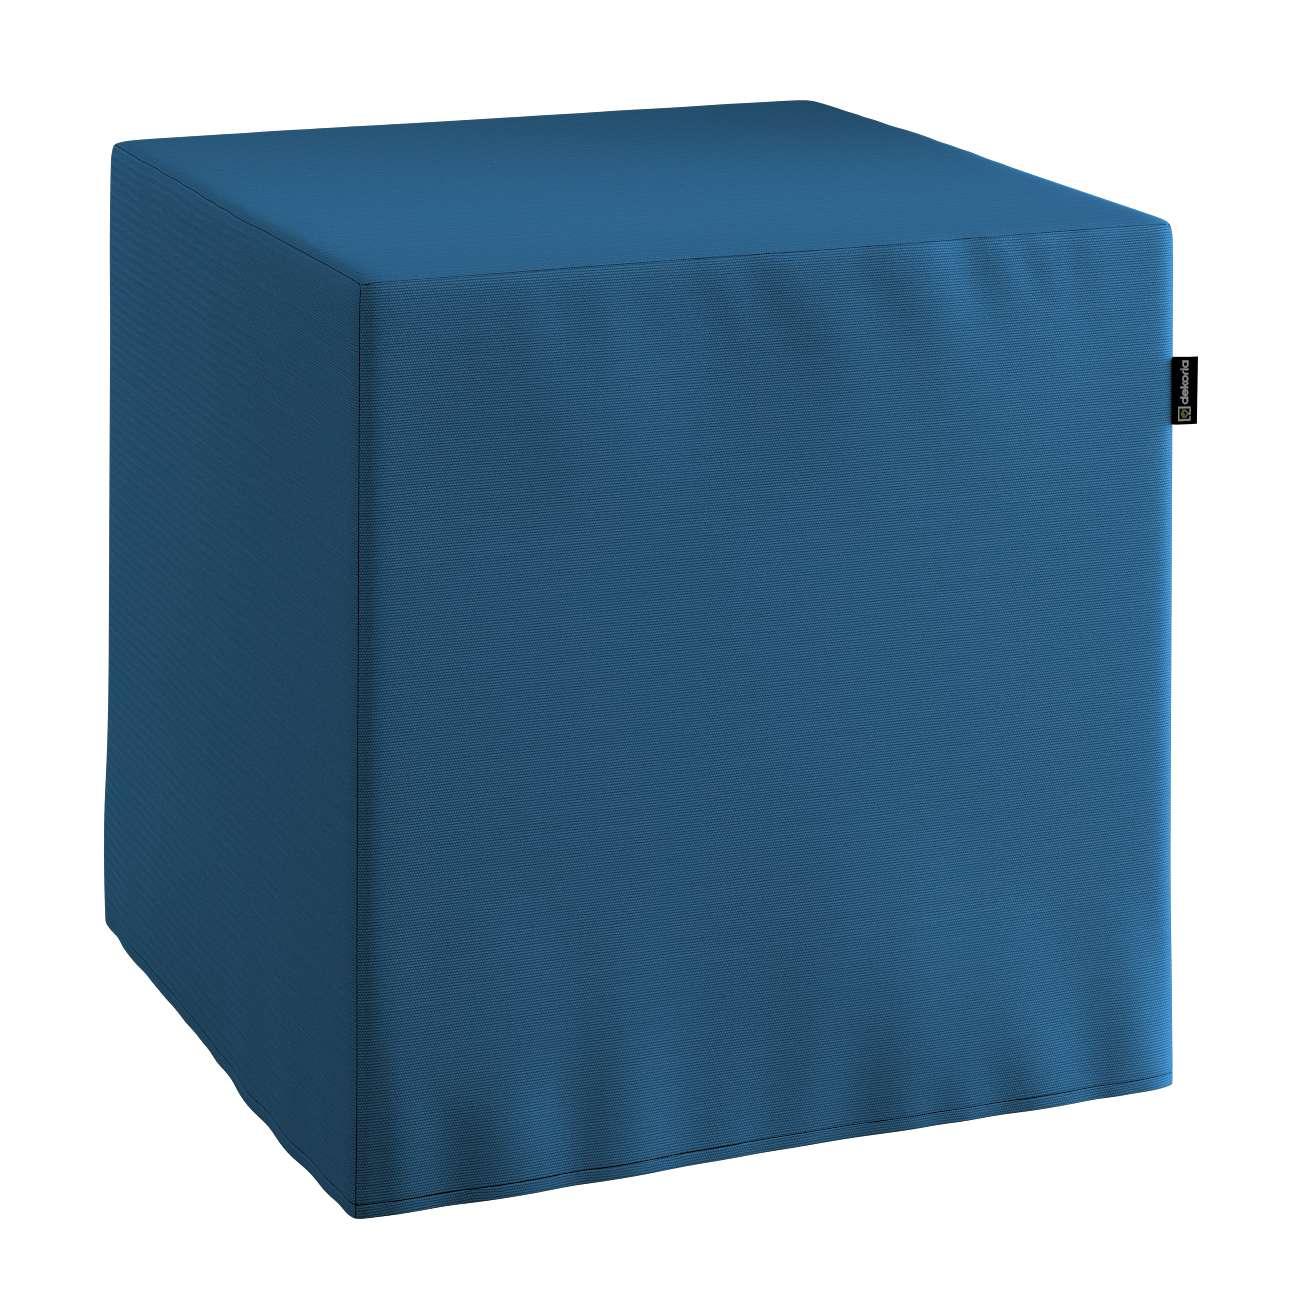 Harter Sitzwürfel 40 x 40 x 40 cm von der Kollektion Cotton Panama, Stoff: 702-30